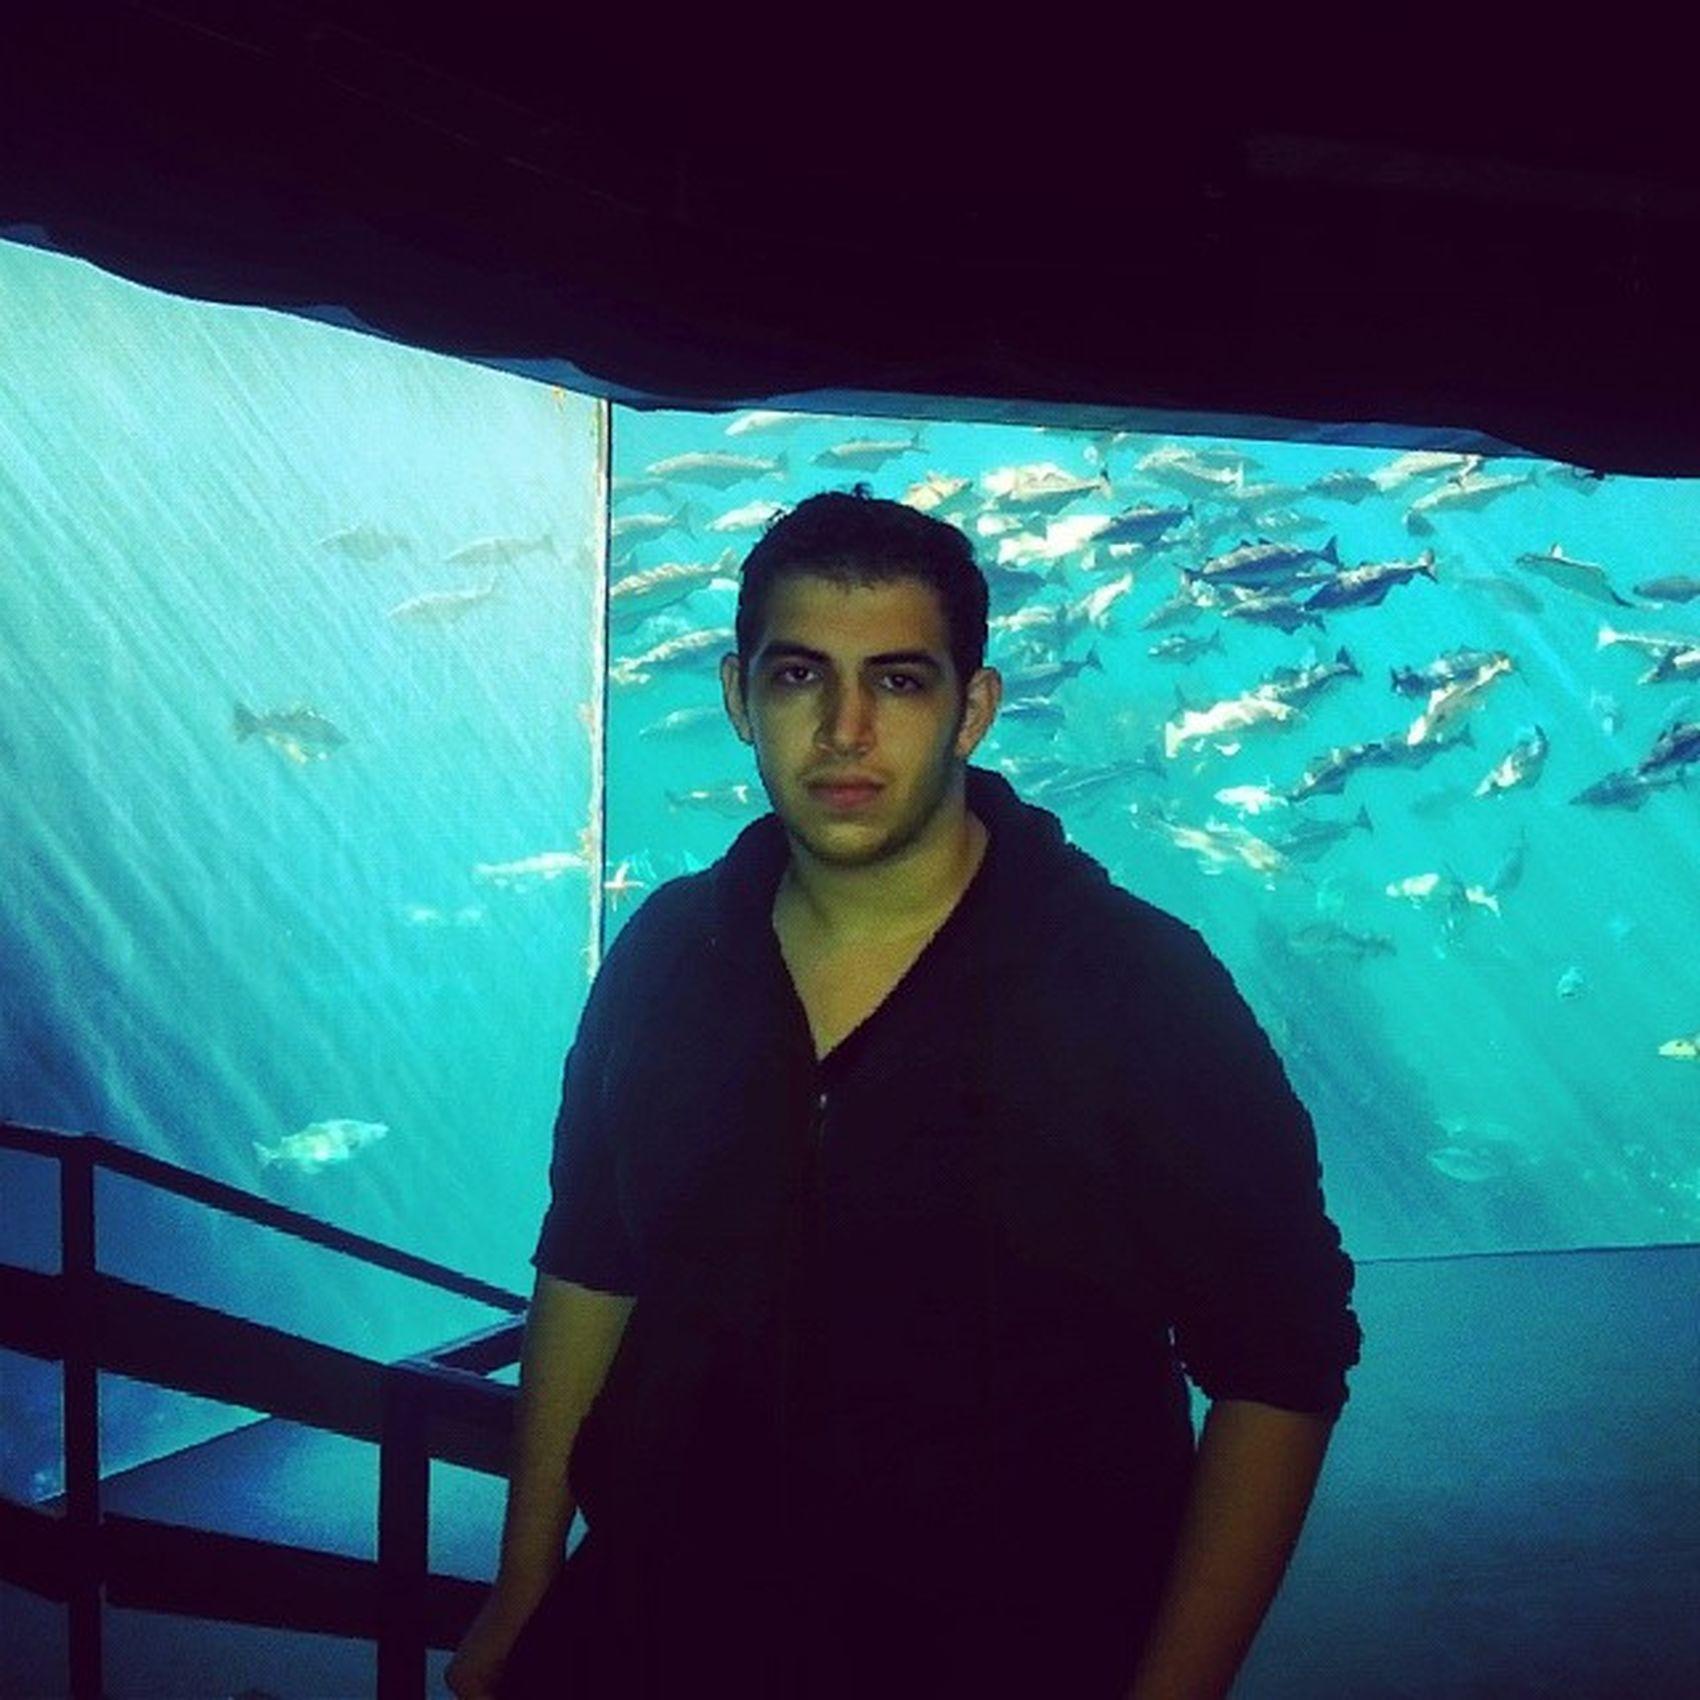 زيارة Atlanterhavsparken